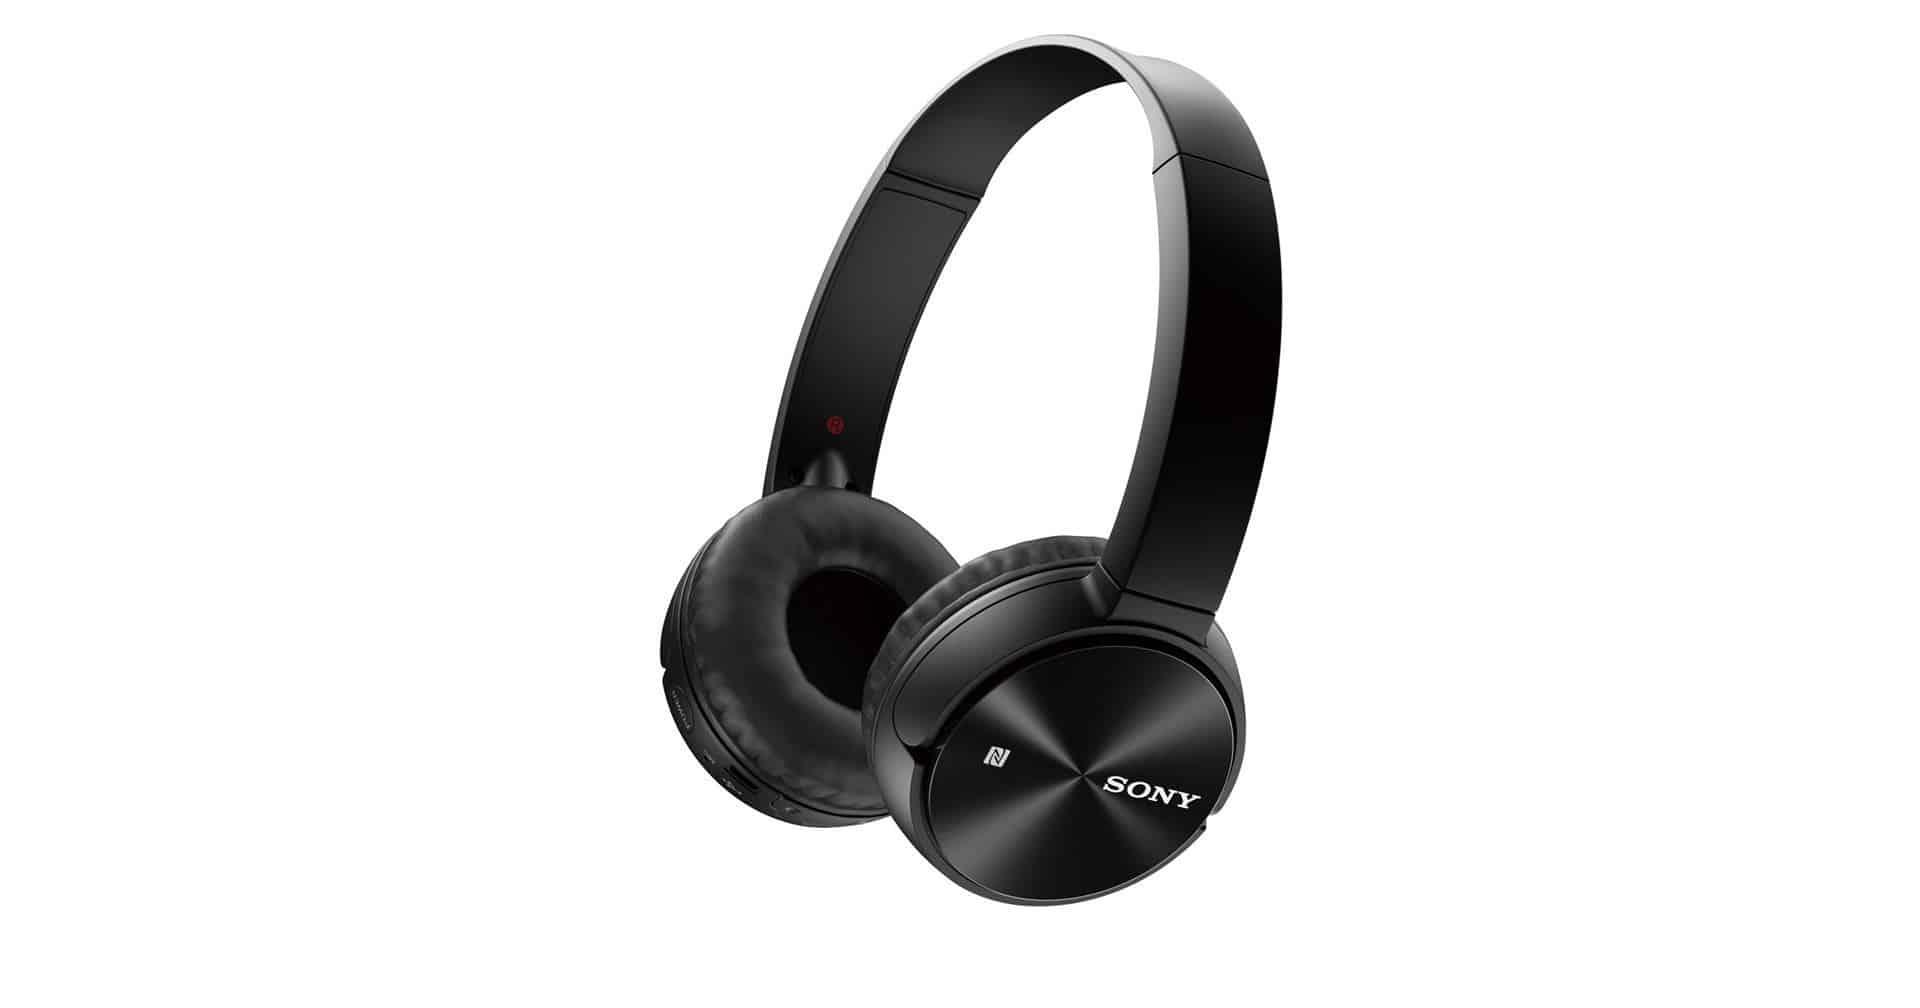 0002668_sony-mdr-zx330bt-wireless-headphones.jpeg